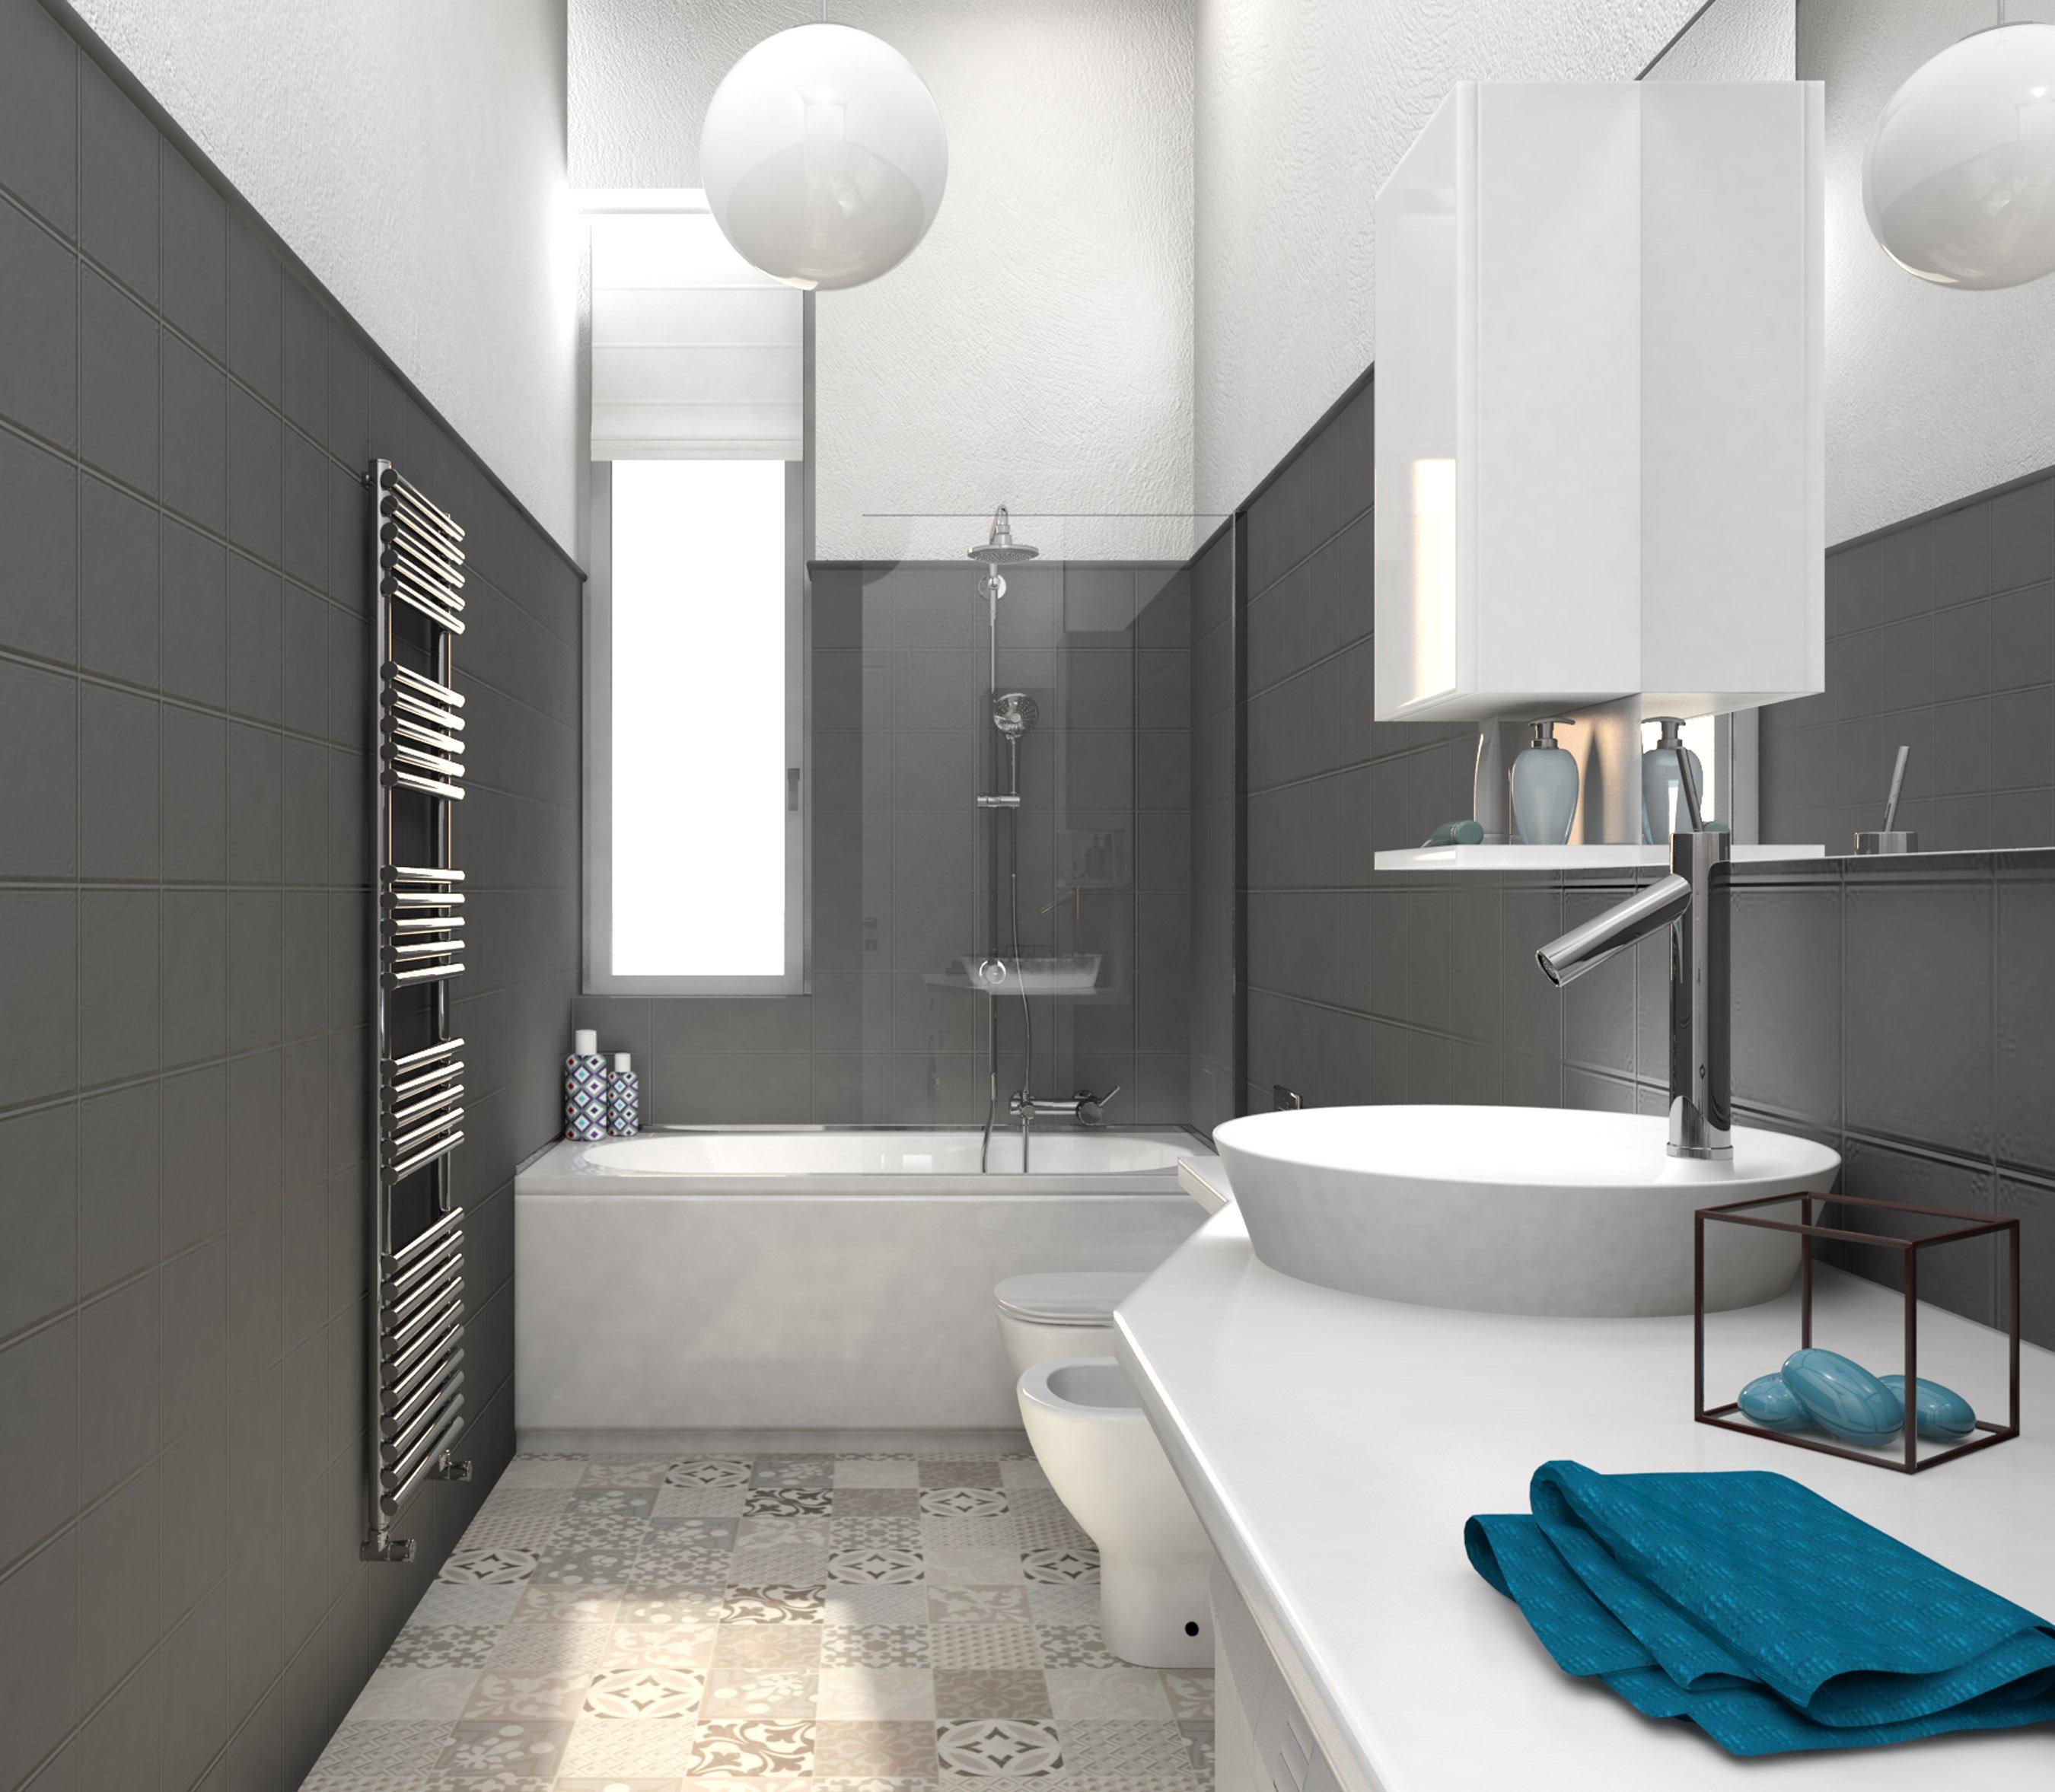 Come Svecchiare Una Casa relooking: un progetto da copiare per rinnovare il bagno